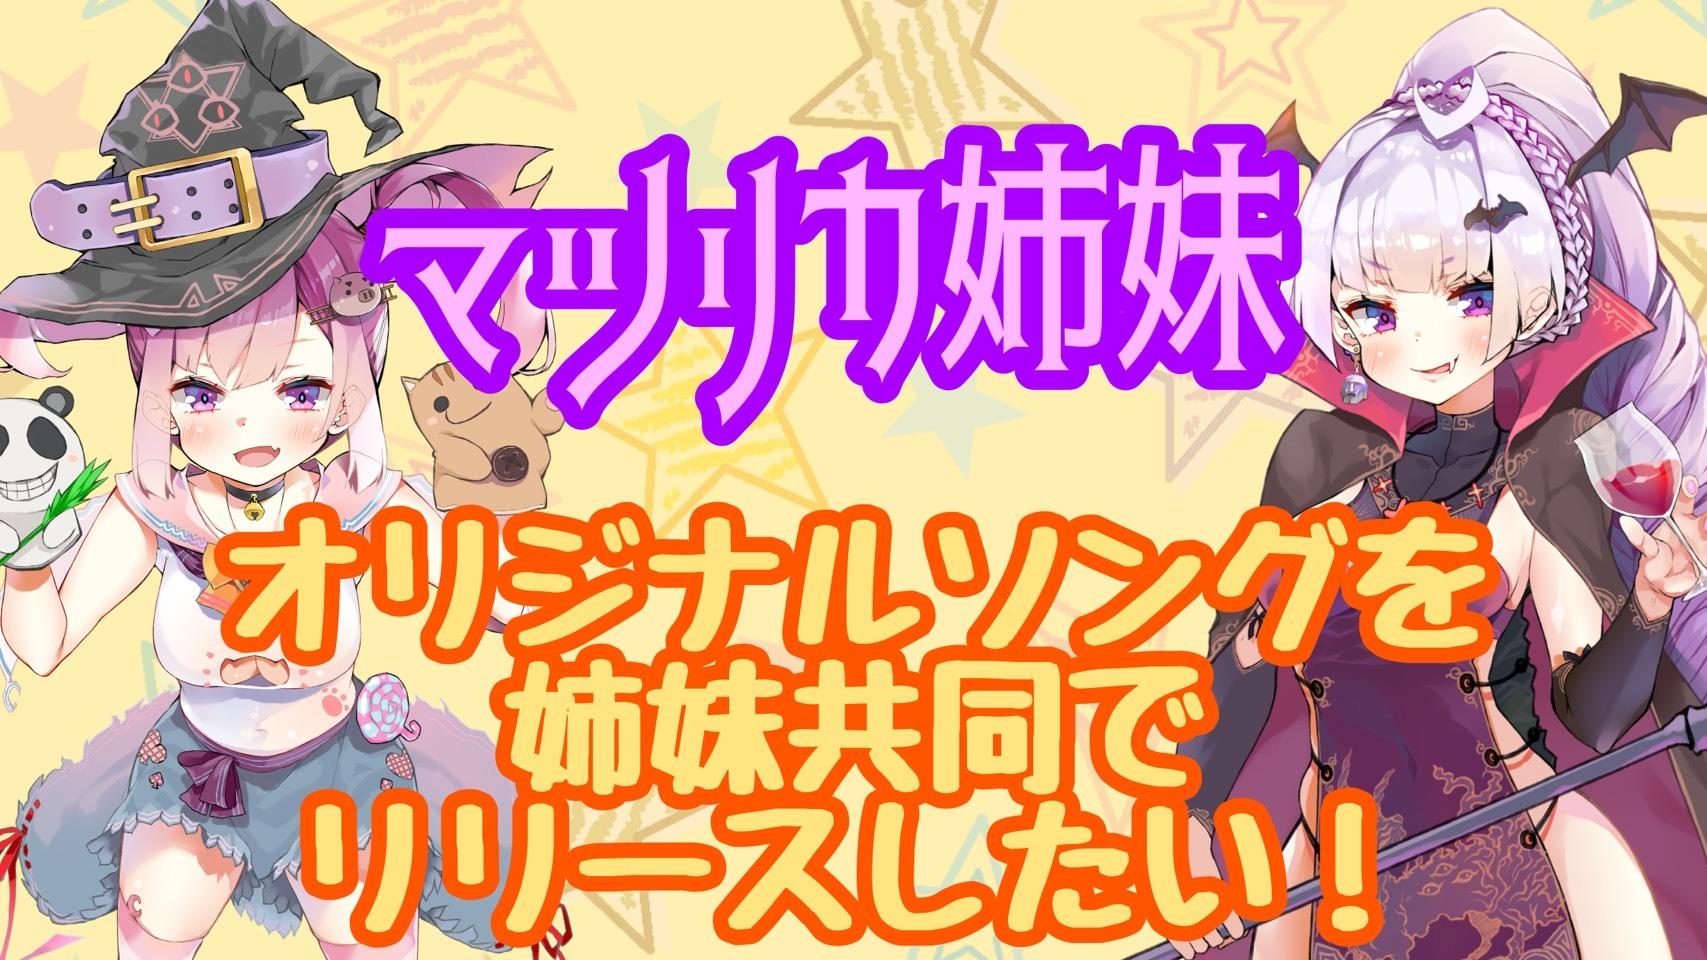 【マツリカ姉妹】オリジナルソングを姉妹共同でリリースしたい!楽曲制作応援キャンペーン!